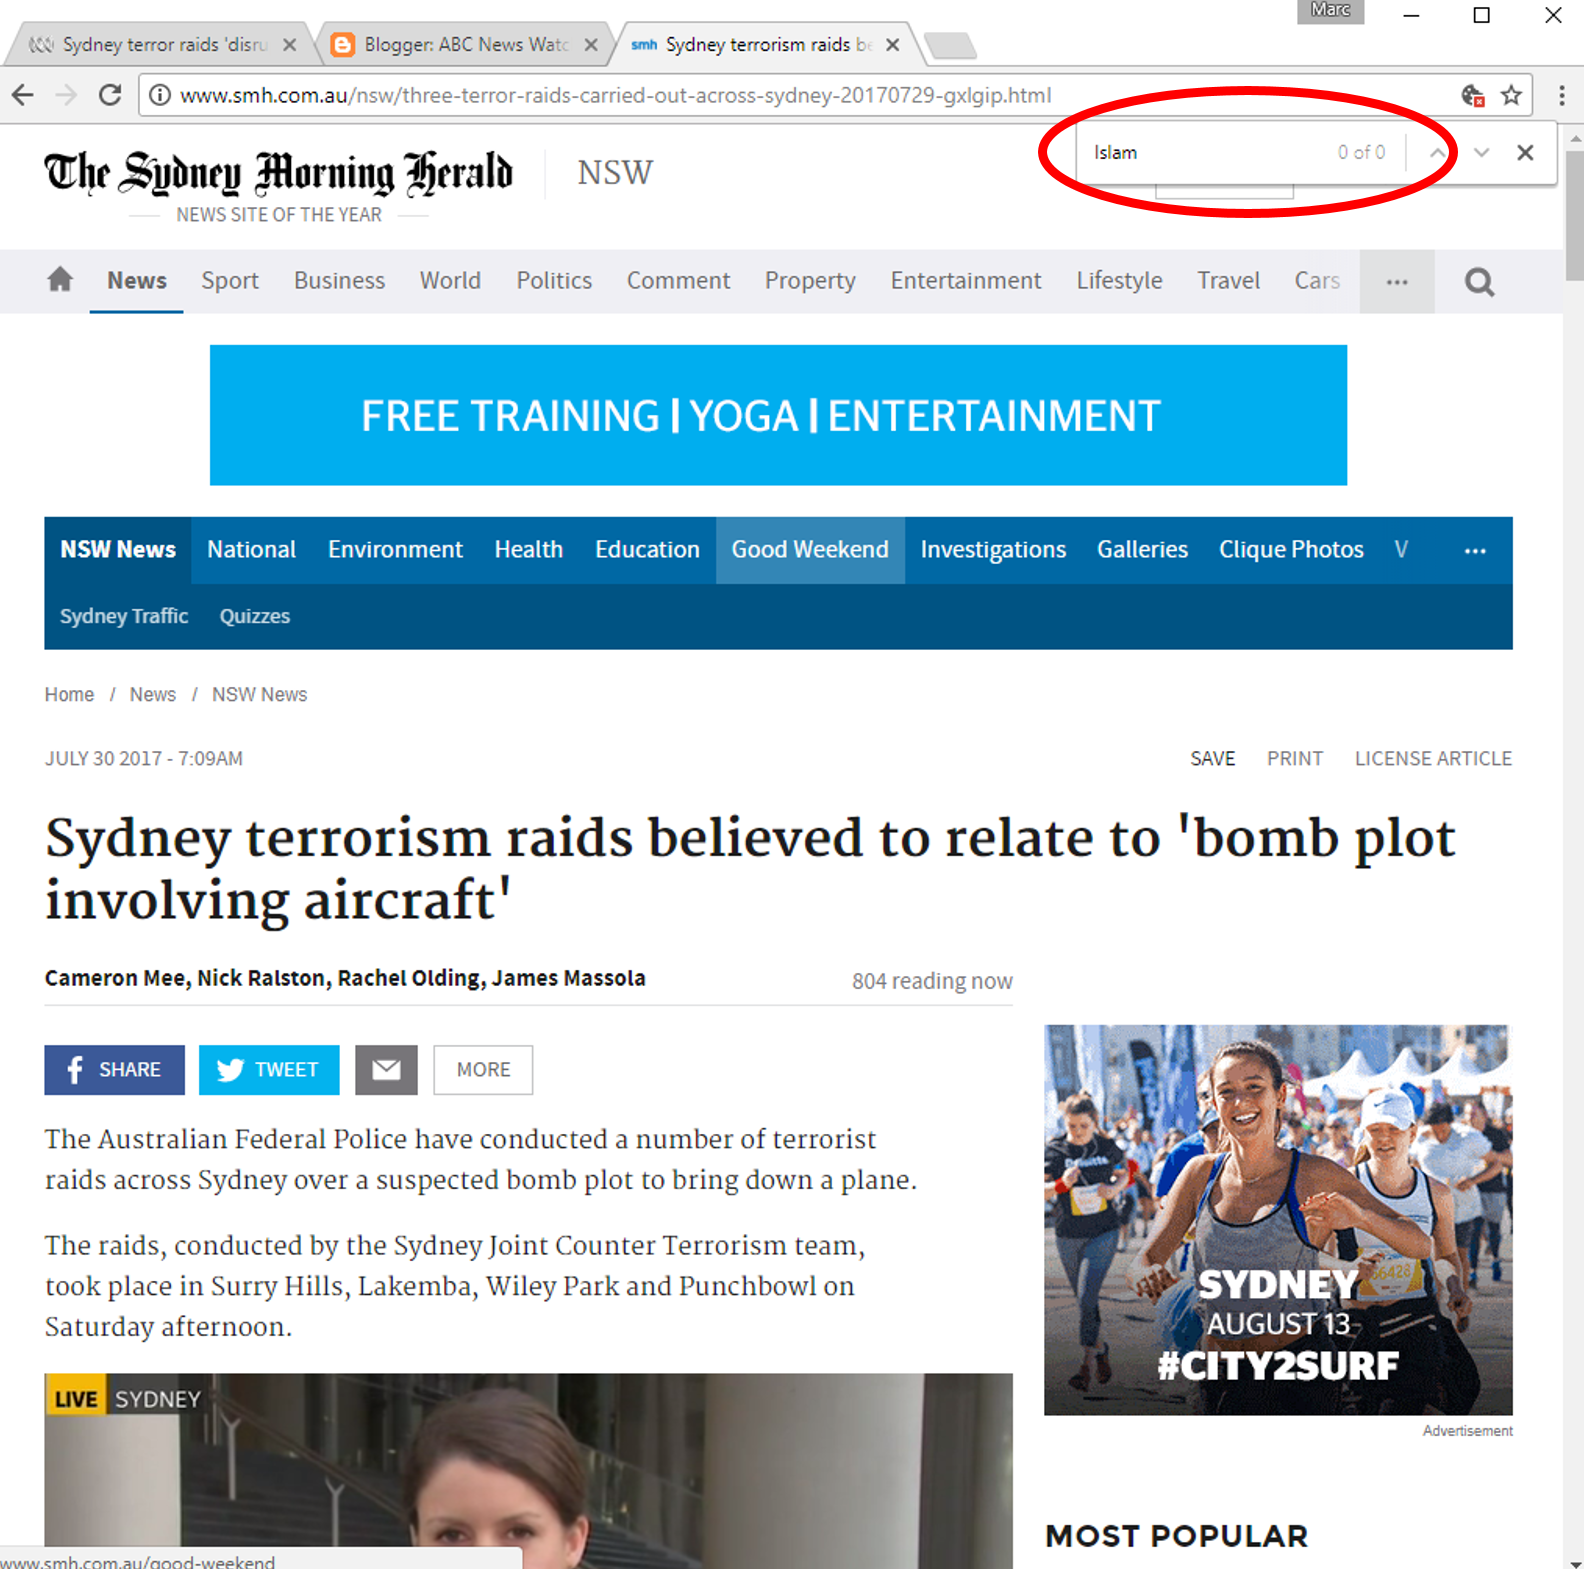 ABC News Watch: ABC News: Australia's Orwellian network